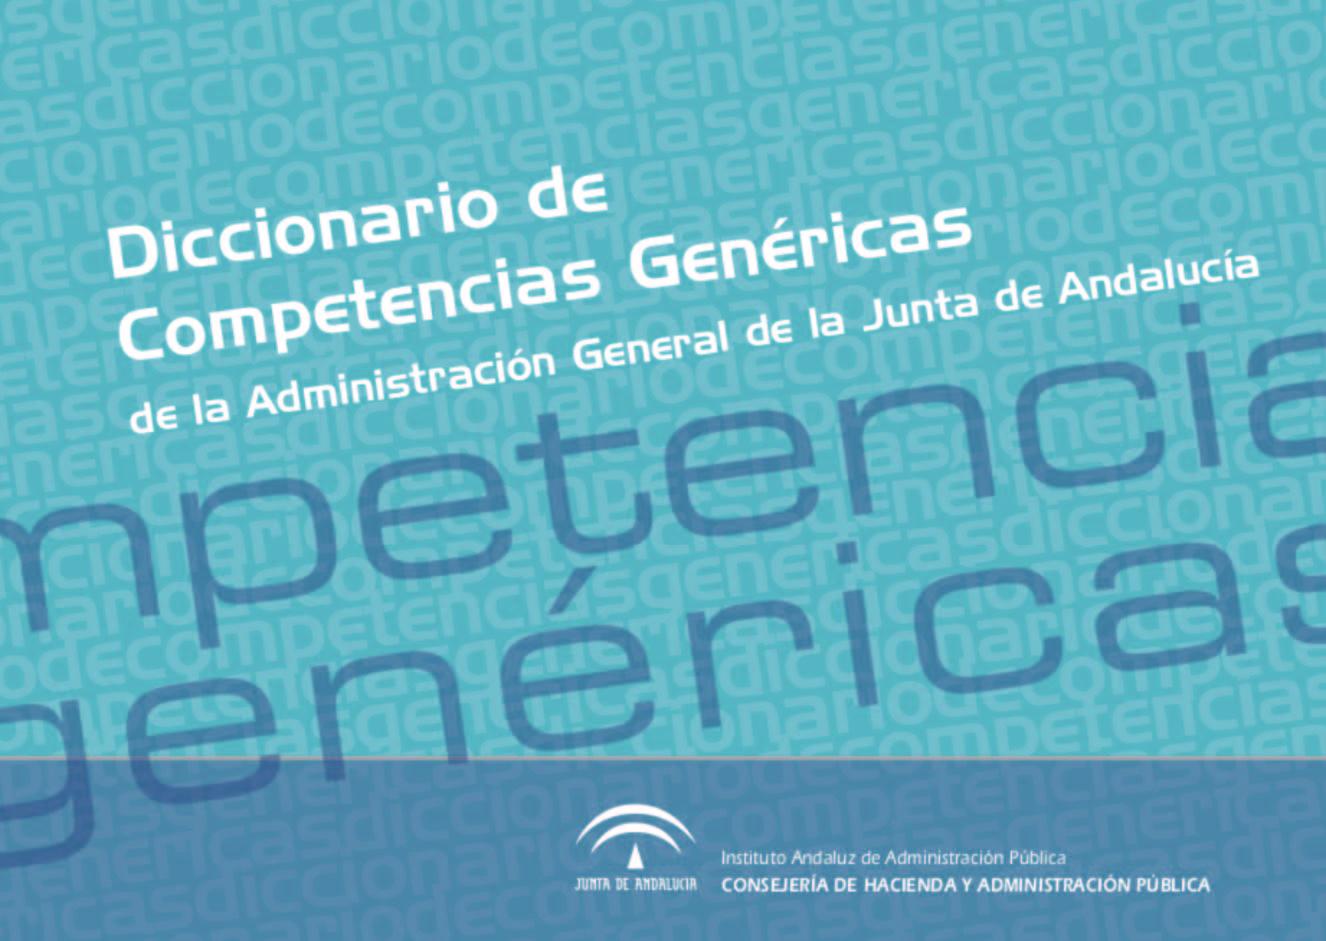 DICCIONARIO DE COMPETENCIAS GEN�RICAS DE LA ADMINISTRACI�N GENERAL DE LA JUNTA DE ANDALUC�A